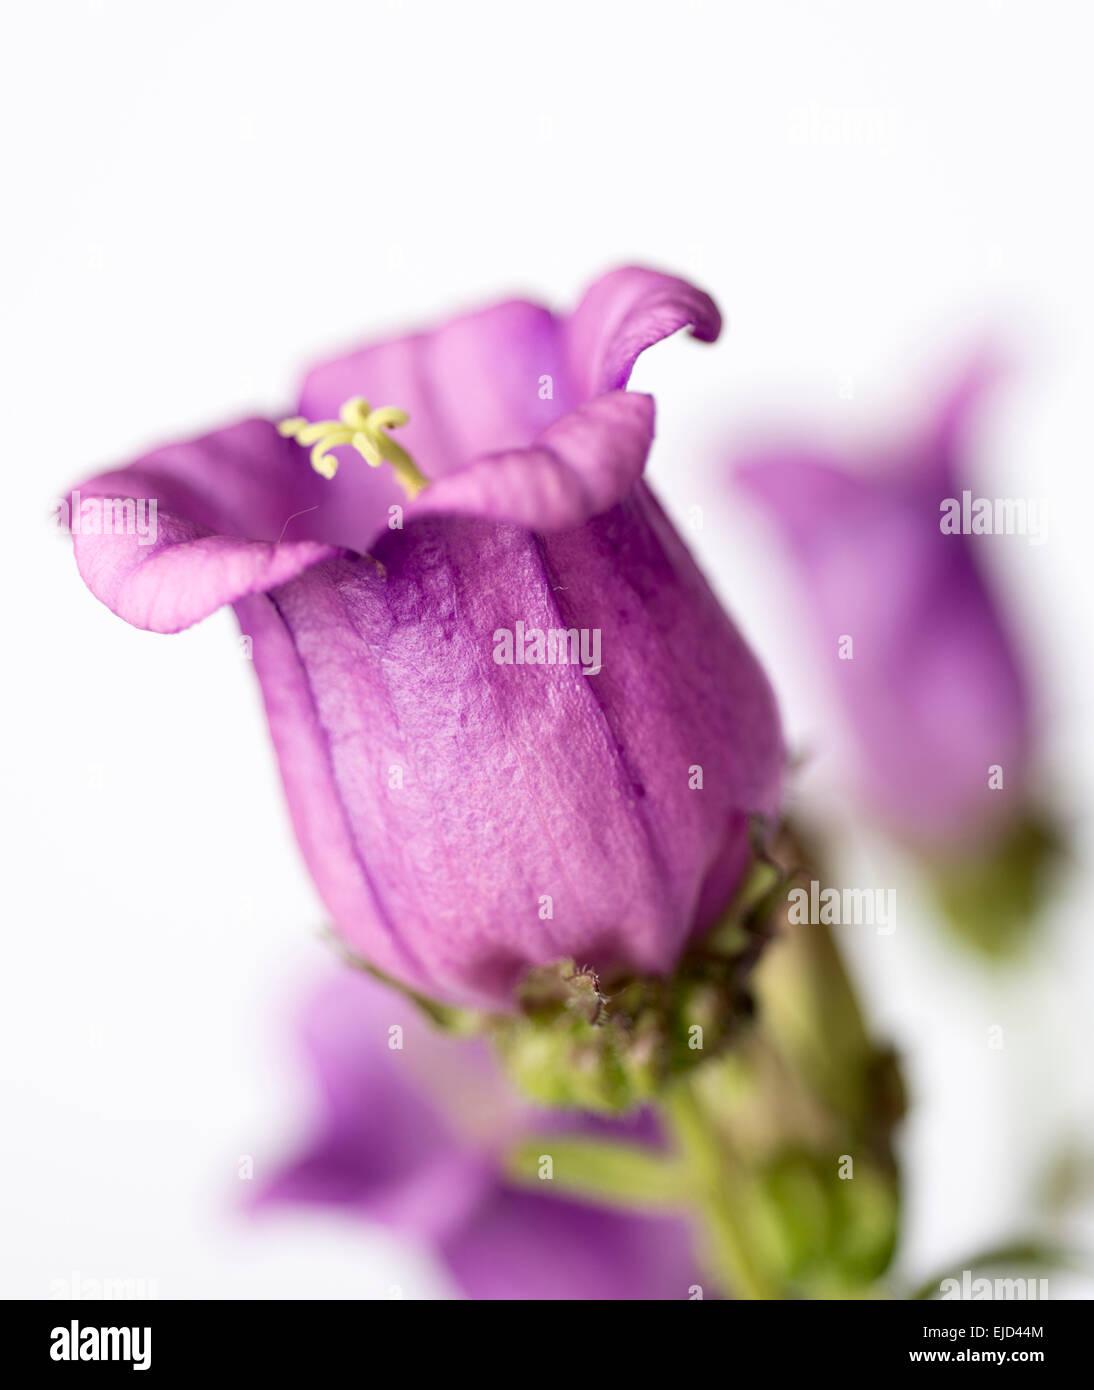 Jährliche Blume Campanula, bekannt als Glockenblume oder Canterbury Bells Stockbild